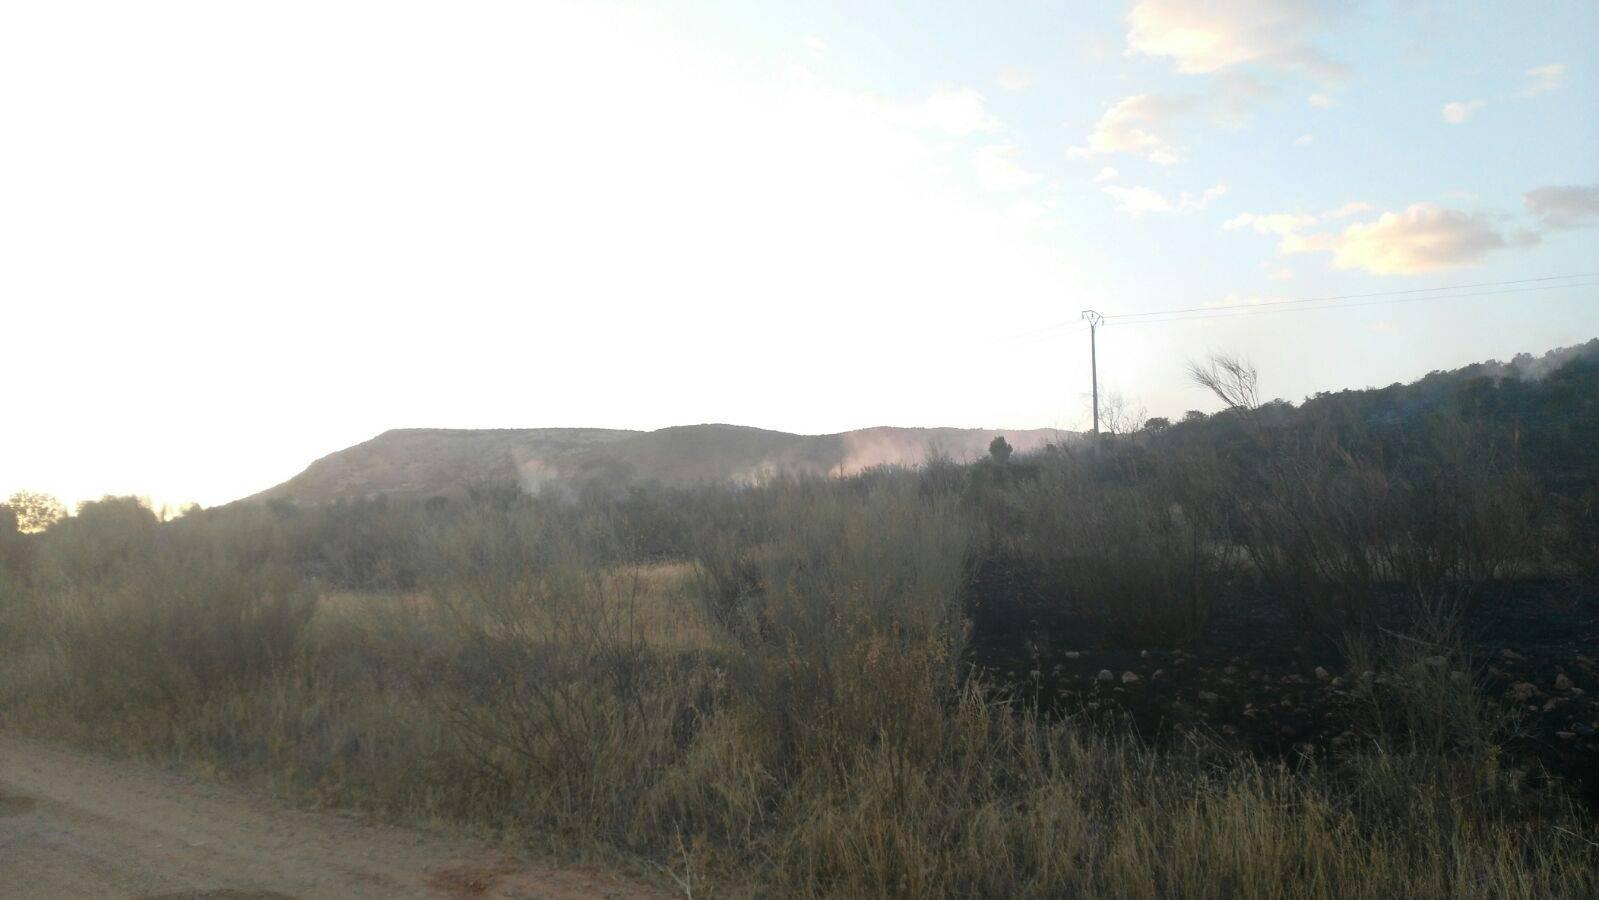 """incendio sierra el bombo herencia ciudad real 4 - Controlado el incendio en la Sierra """"El Bombo"""" de Herencia (Ciudad Real)"""